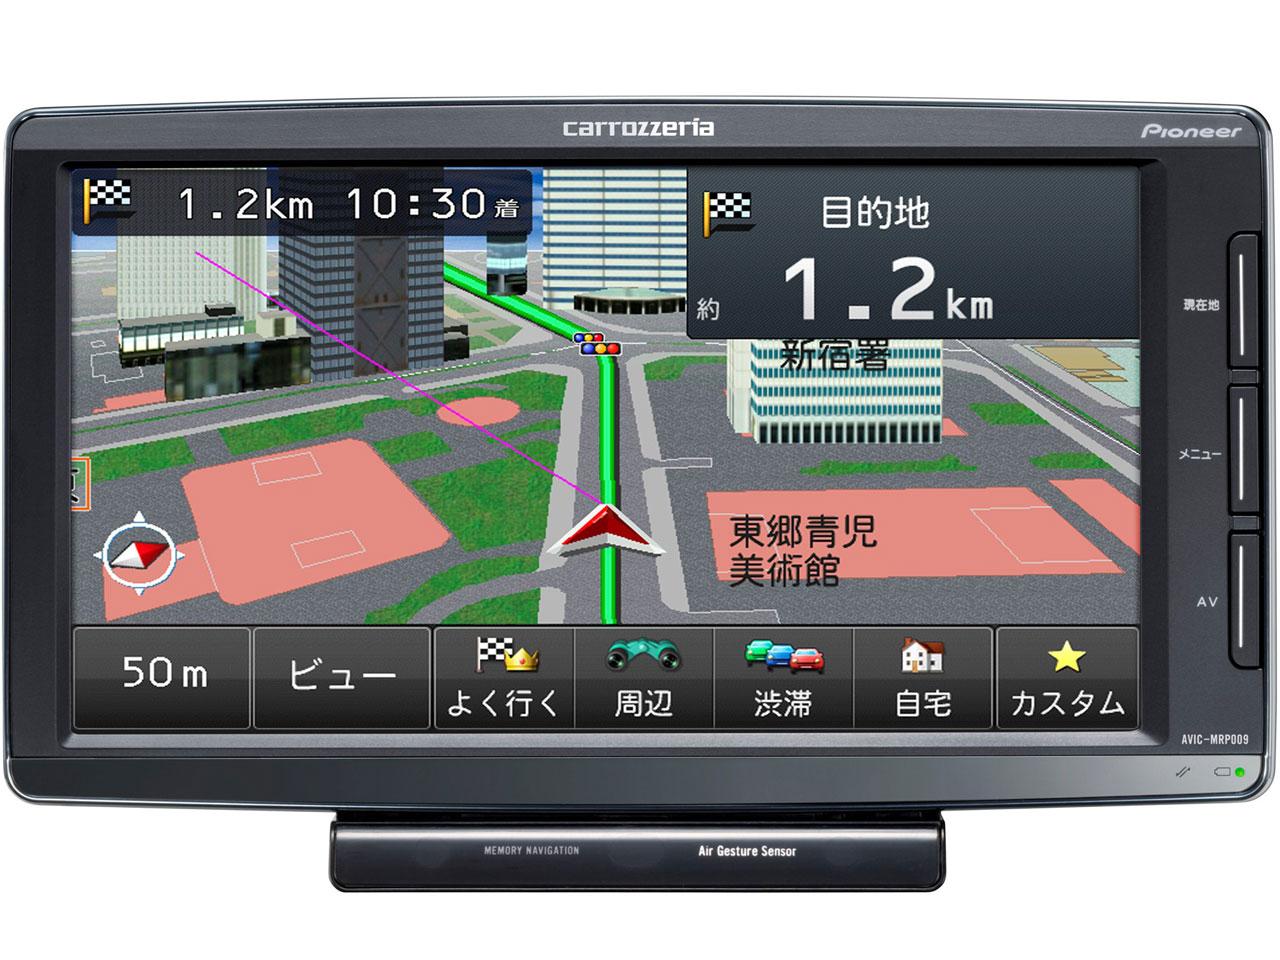 価格.com - 楽ナビ AVIC-MRP009 の製品画像